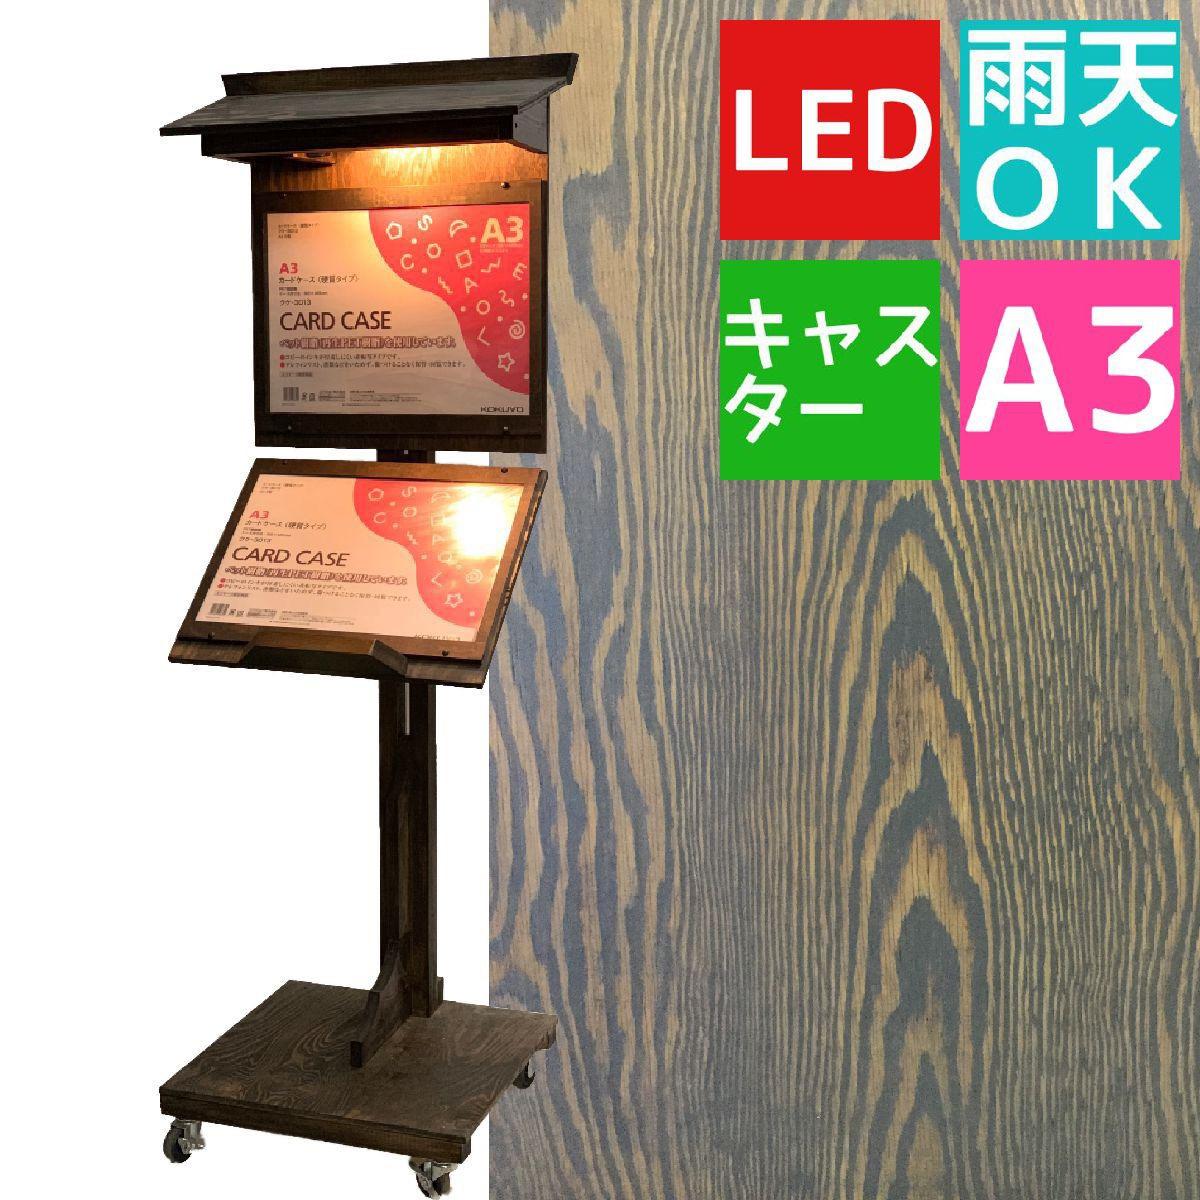 屋外用 LED電球専用 A3×2枚 和風屋根 片流れ 木製オリジナルメニュースタンドEY型 キャスター付き オーク